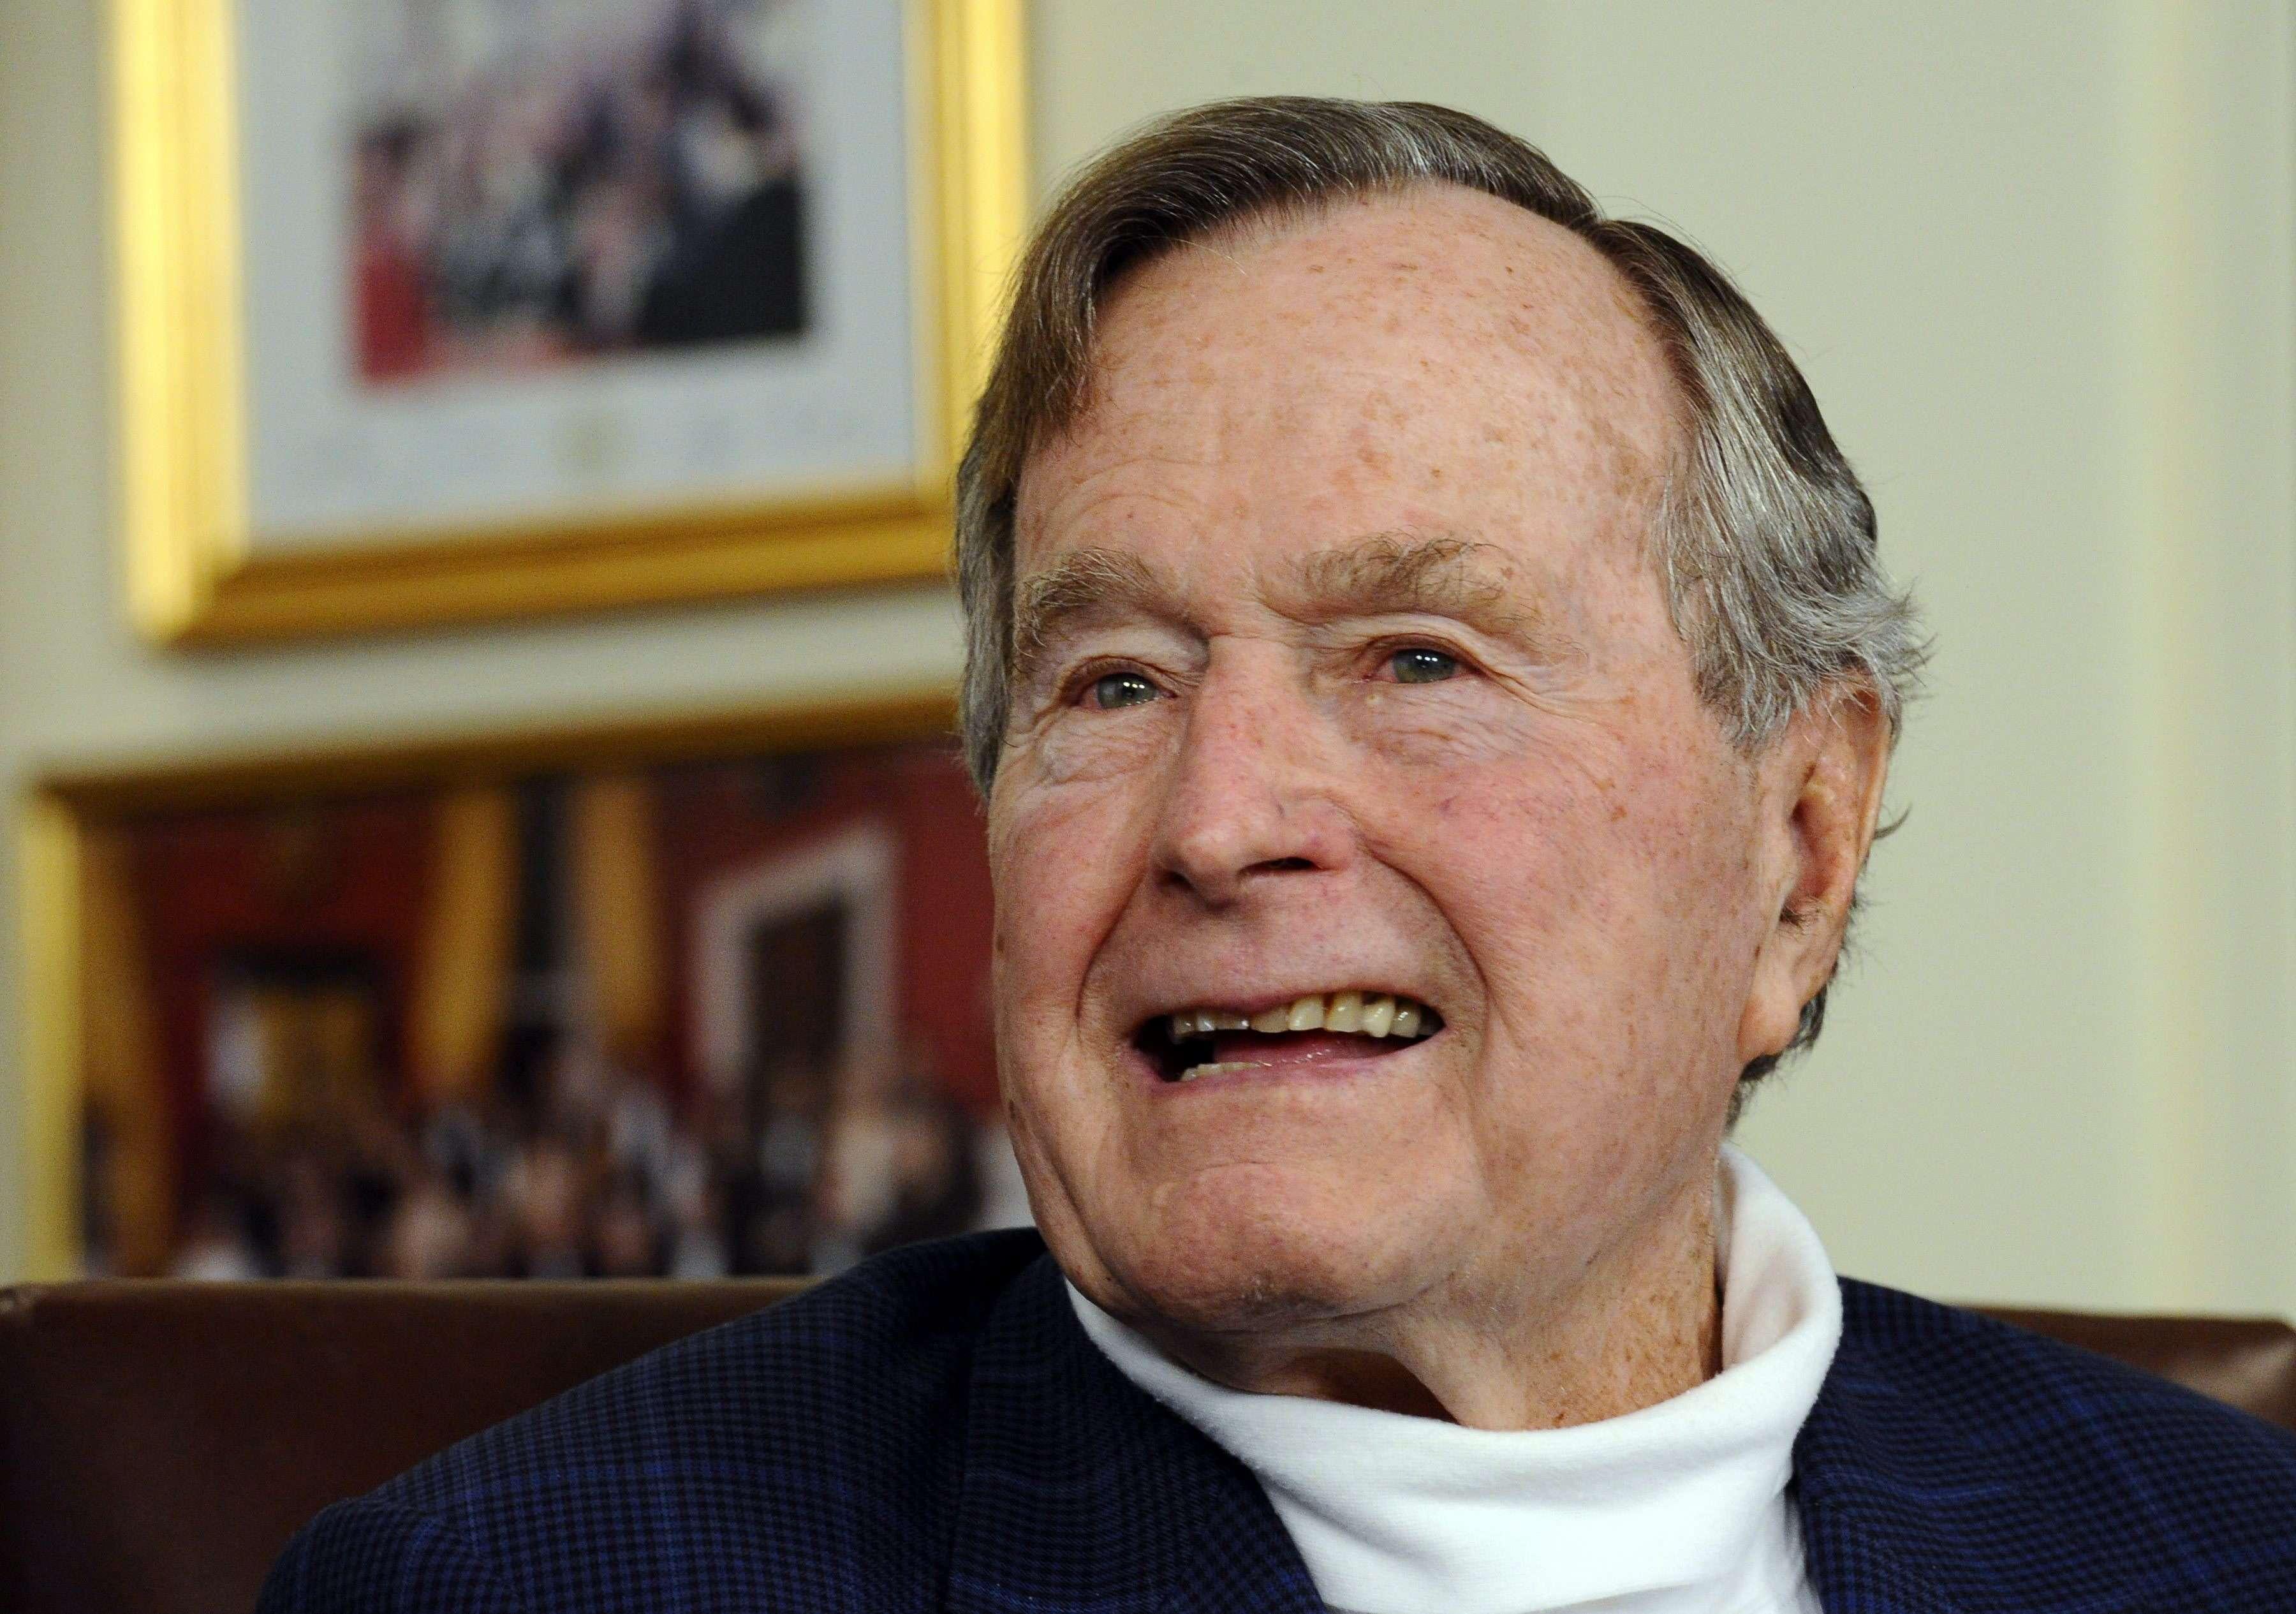 El expresidente estadounidense George H.W. Bush. Foto: EFE / Archivo